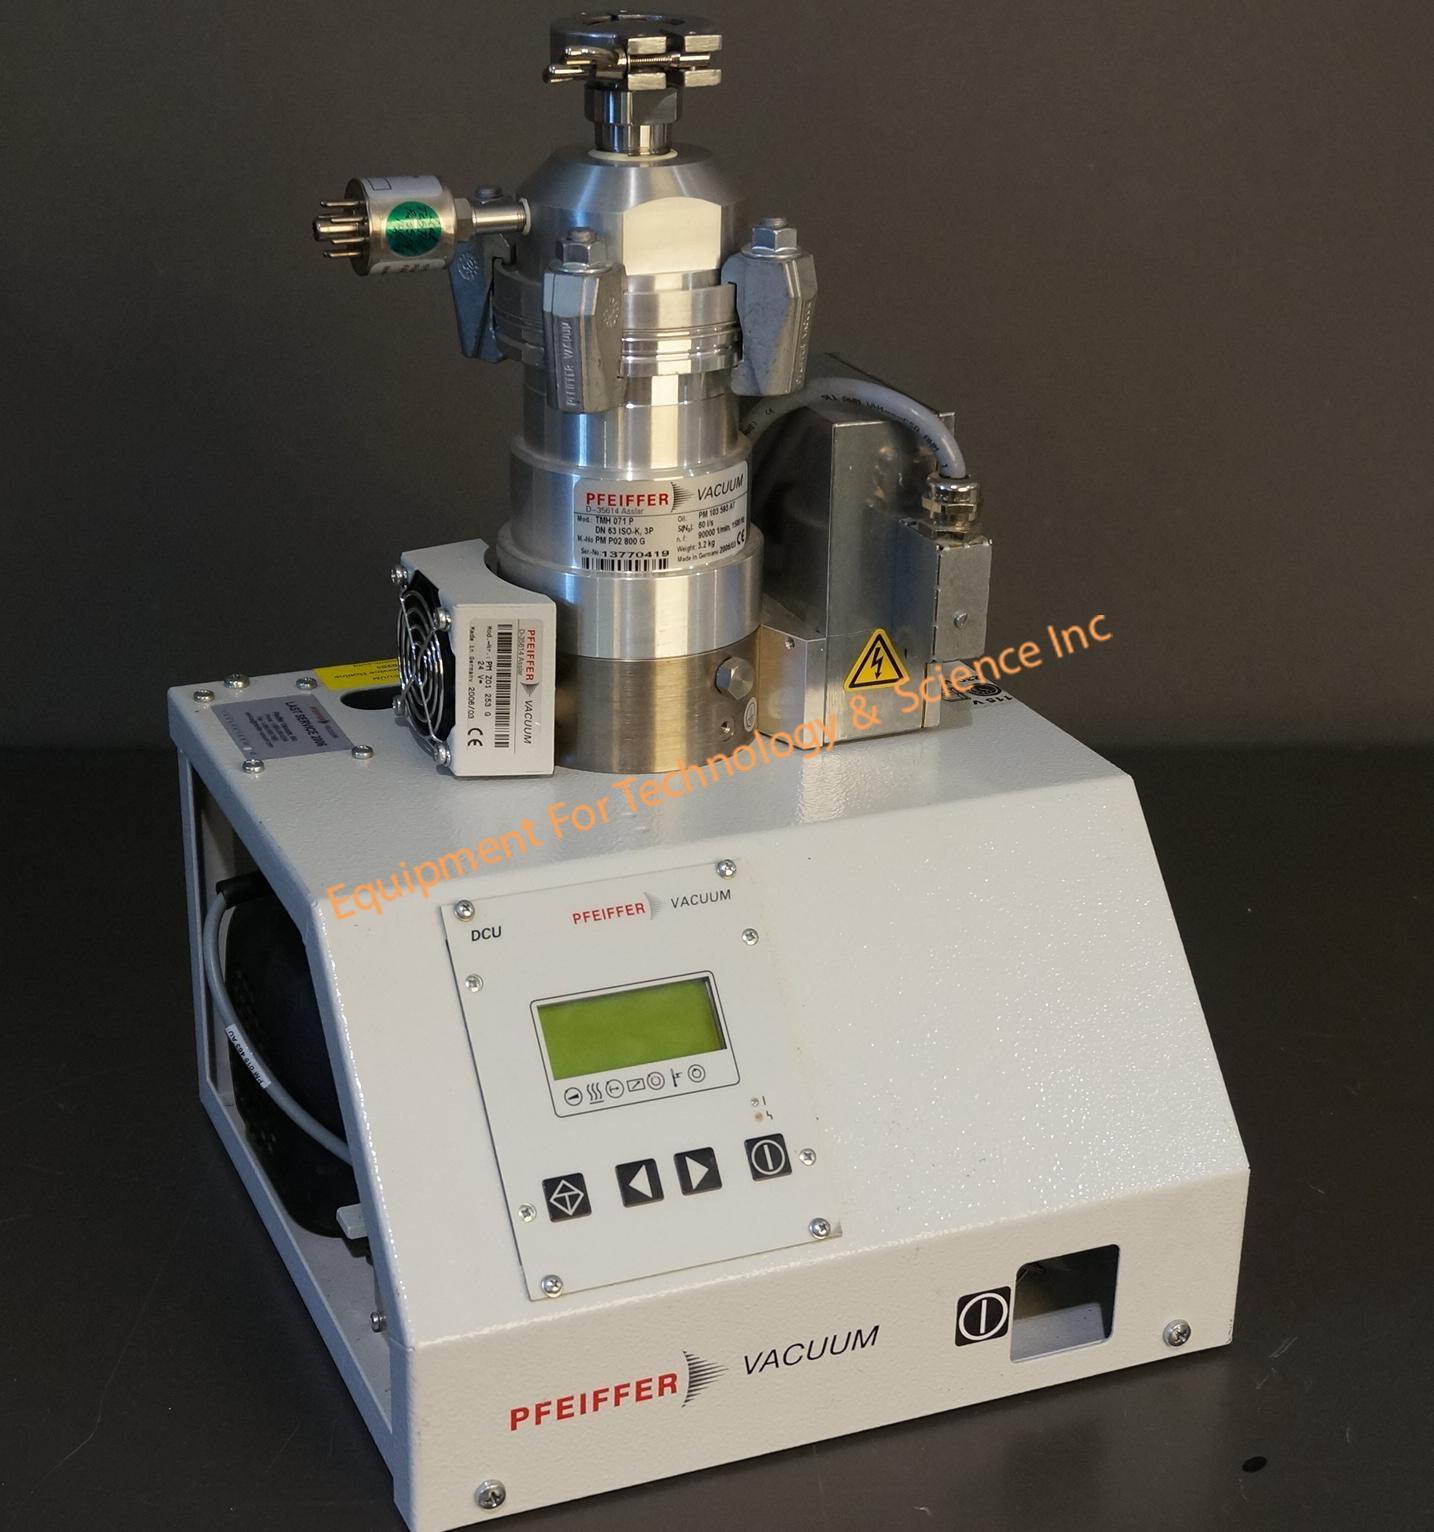 Pfeiffer TSH071E turbo pumping system